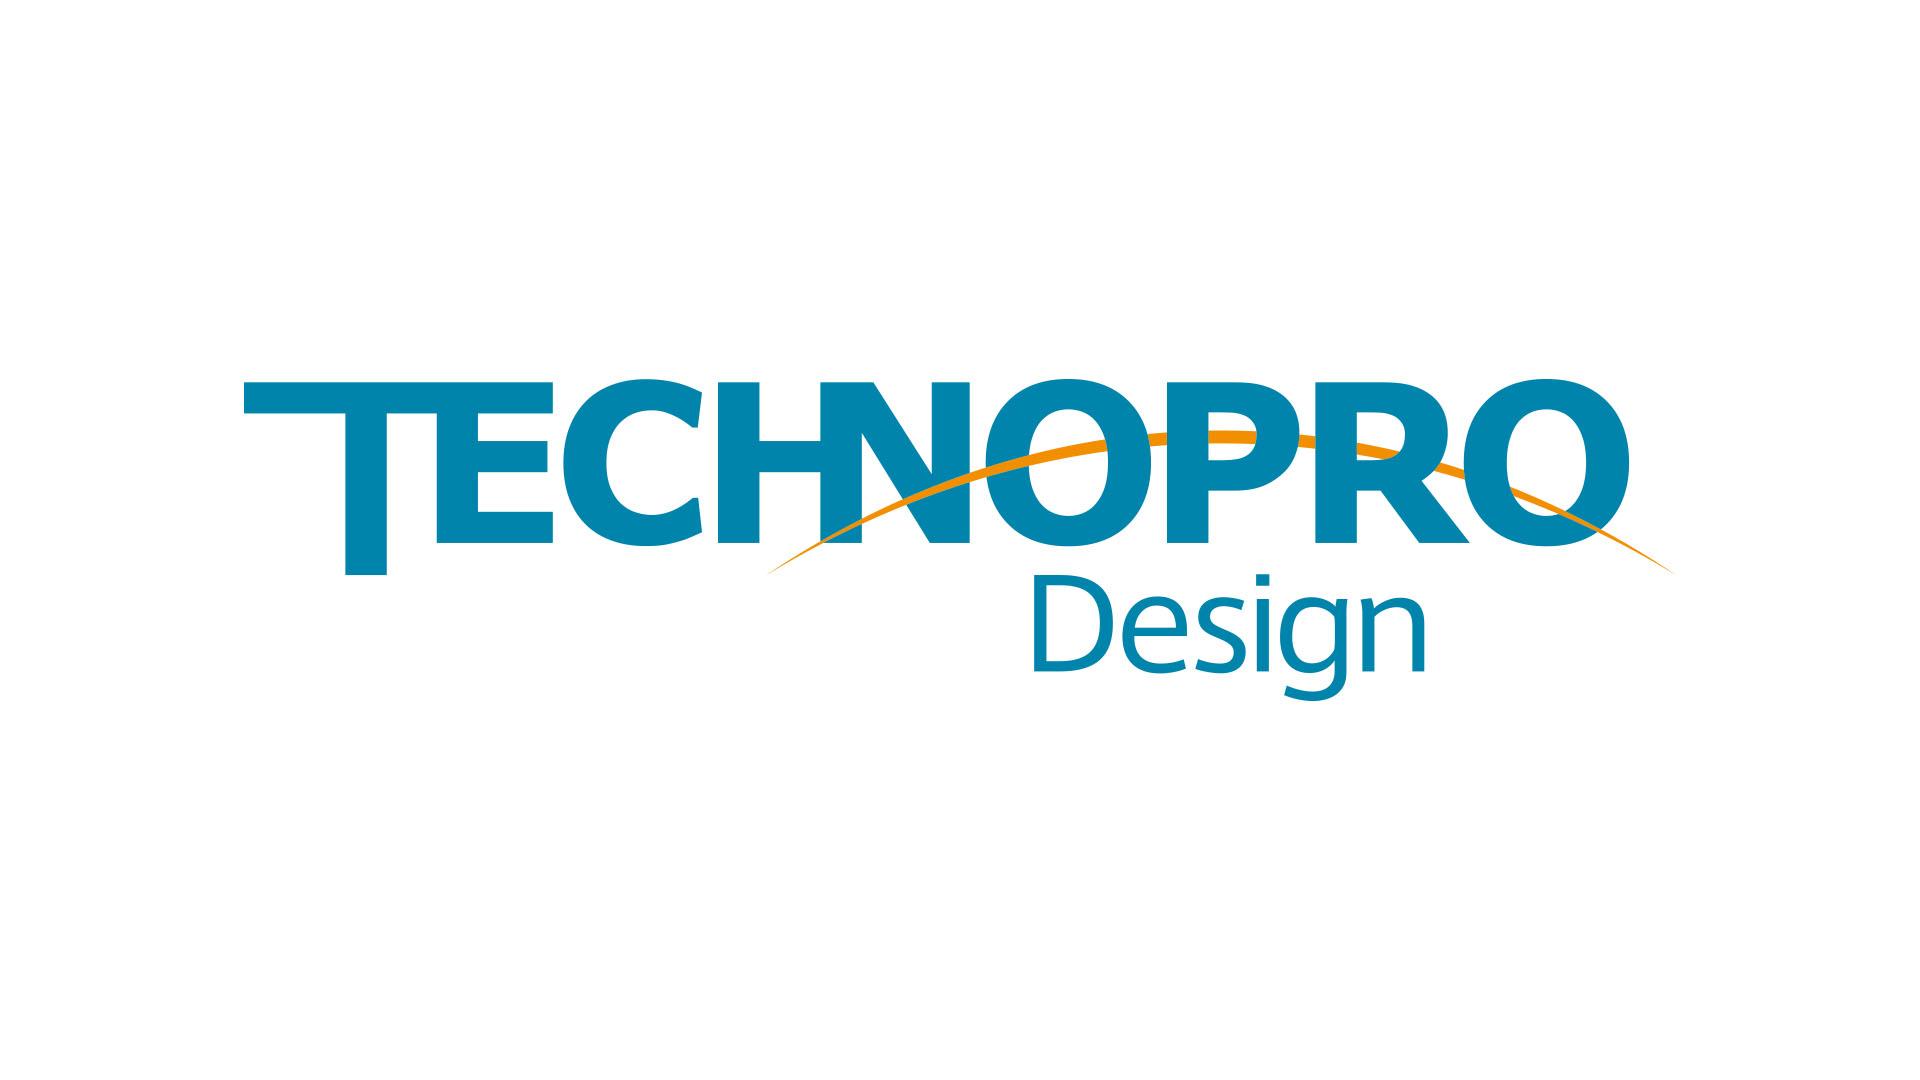 株式会社テクノプロ テクノプロ・デザイン社